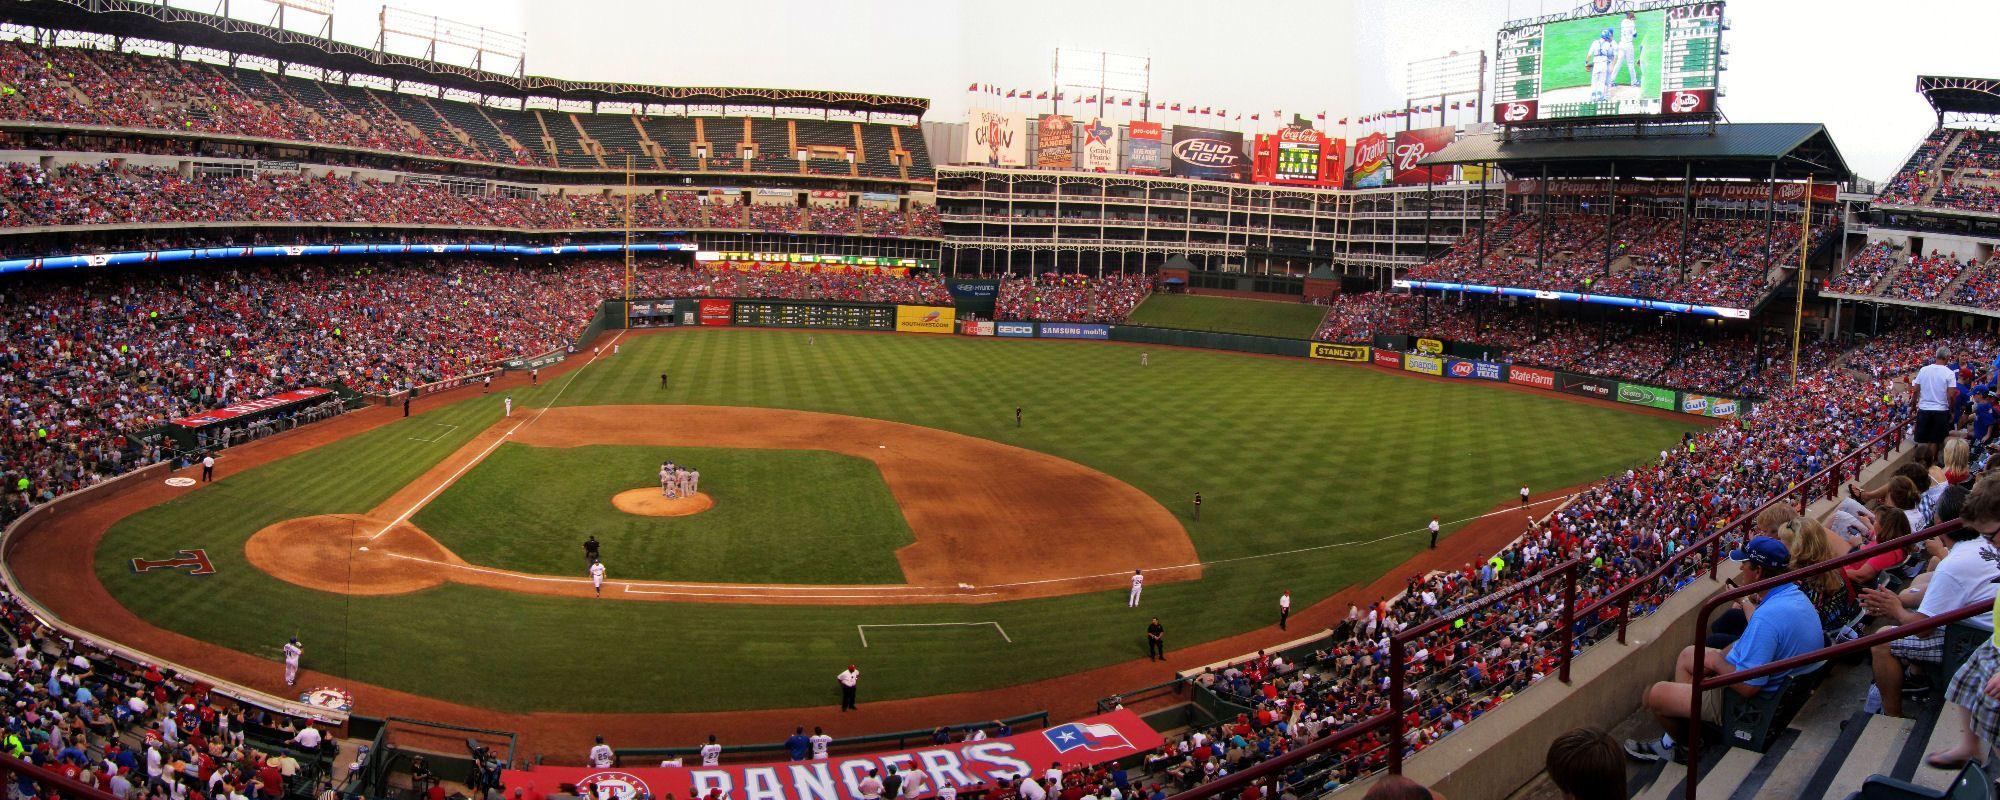 Mlb Ballpark Panoramas Ballparks Stadium Panorama